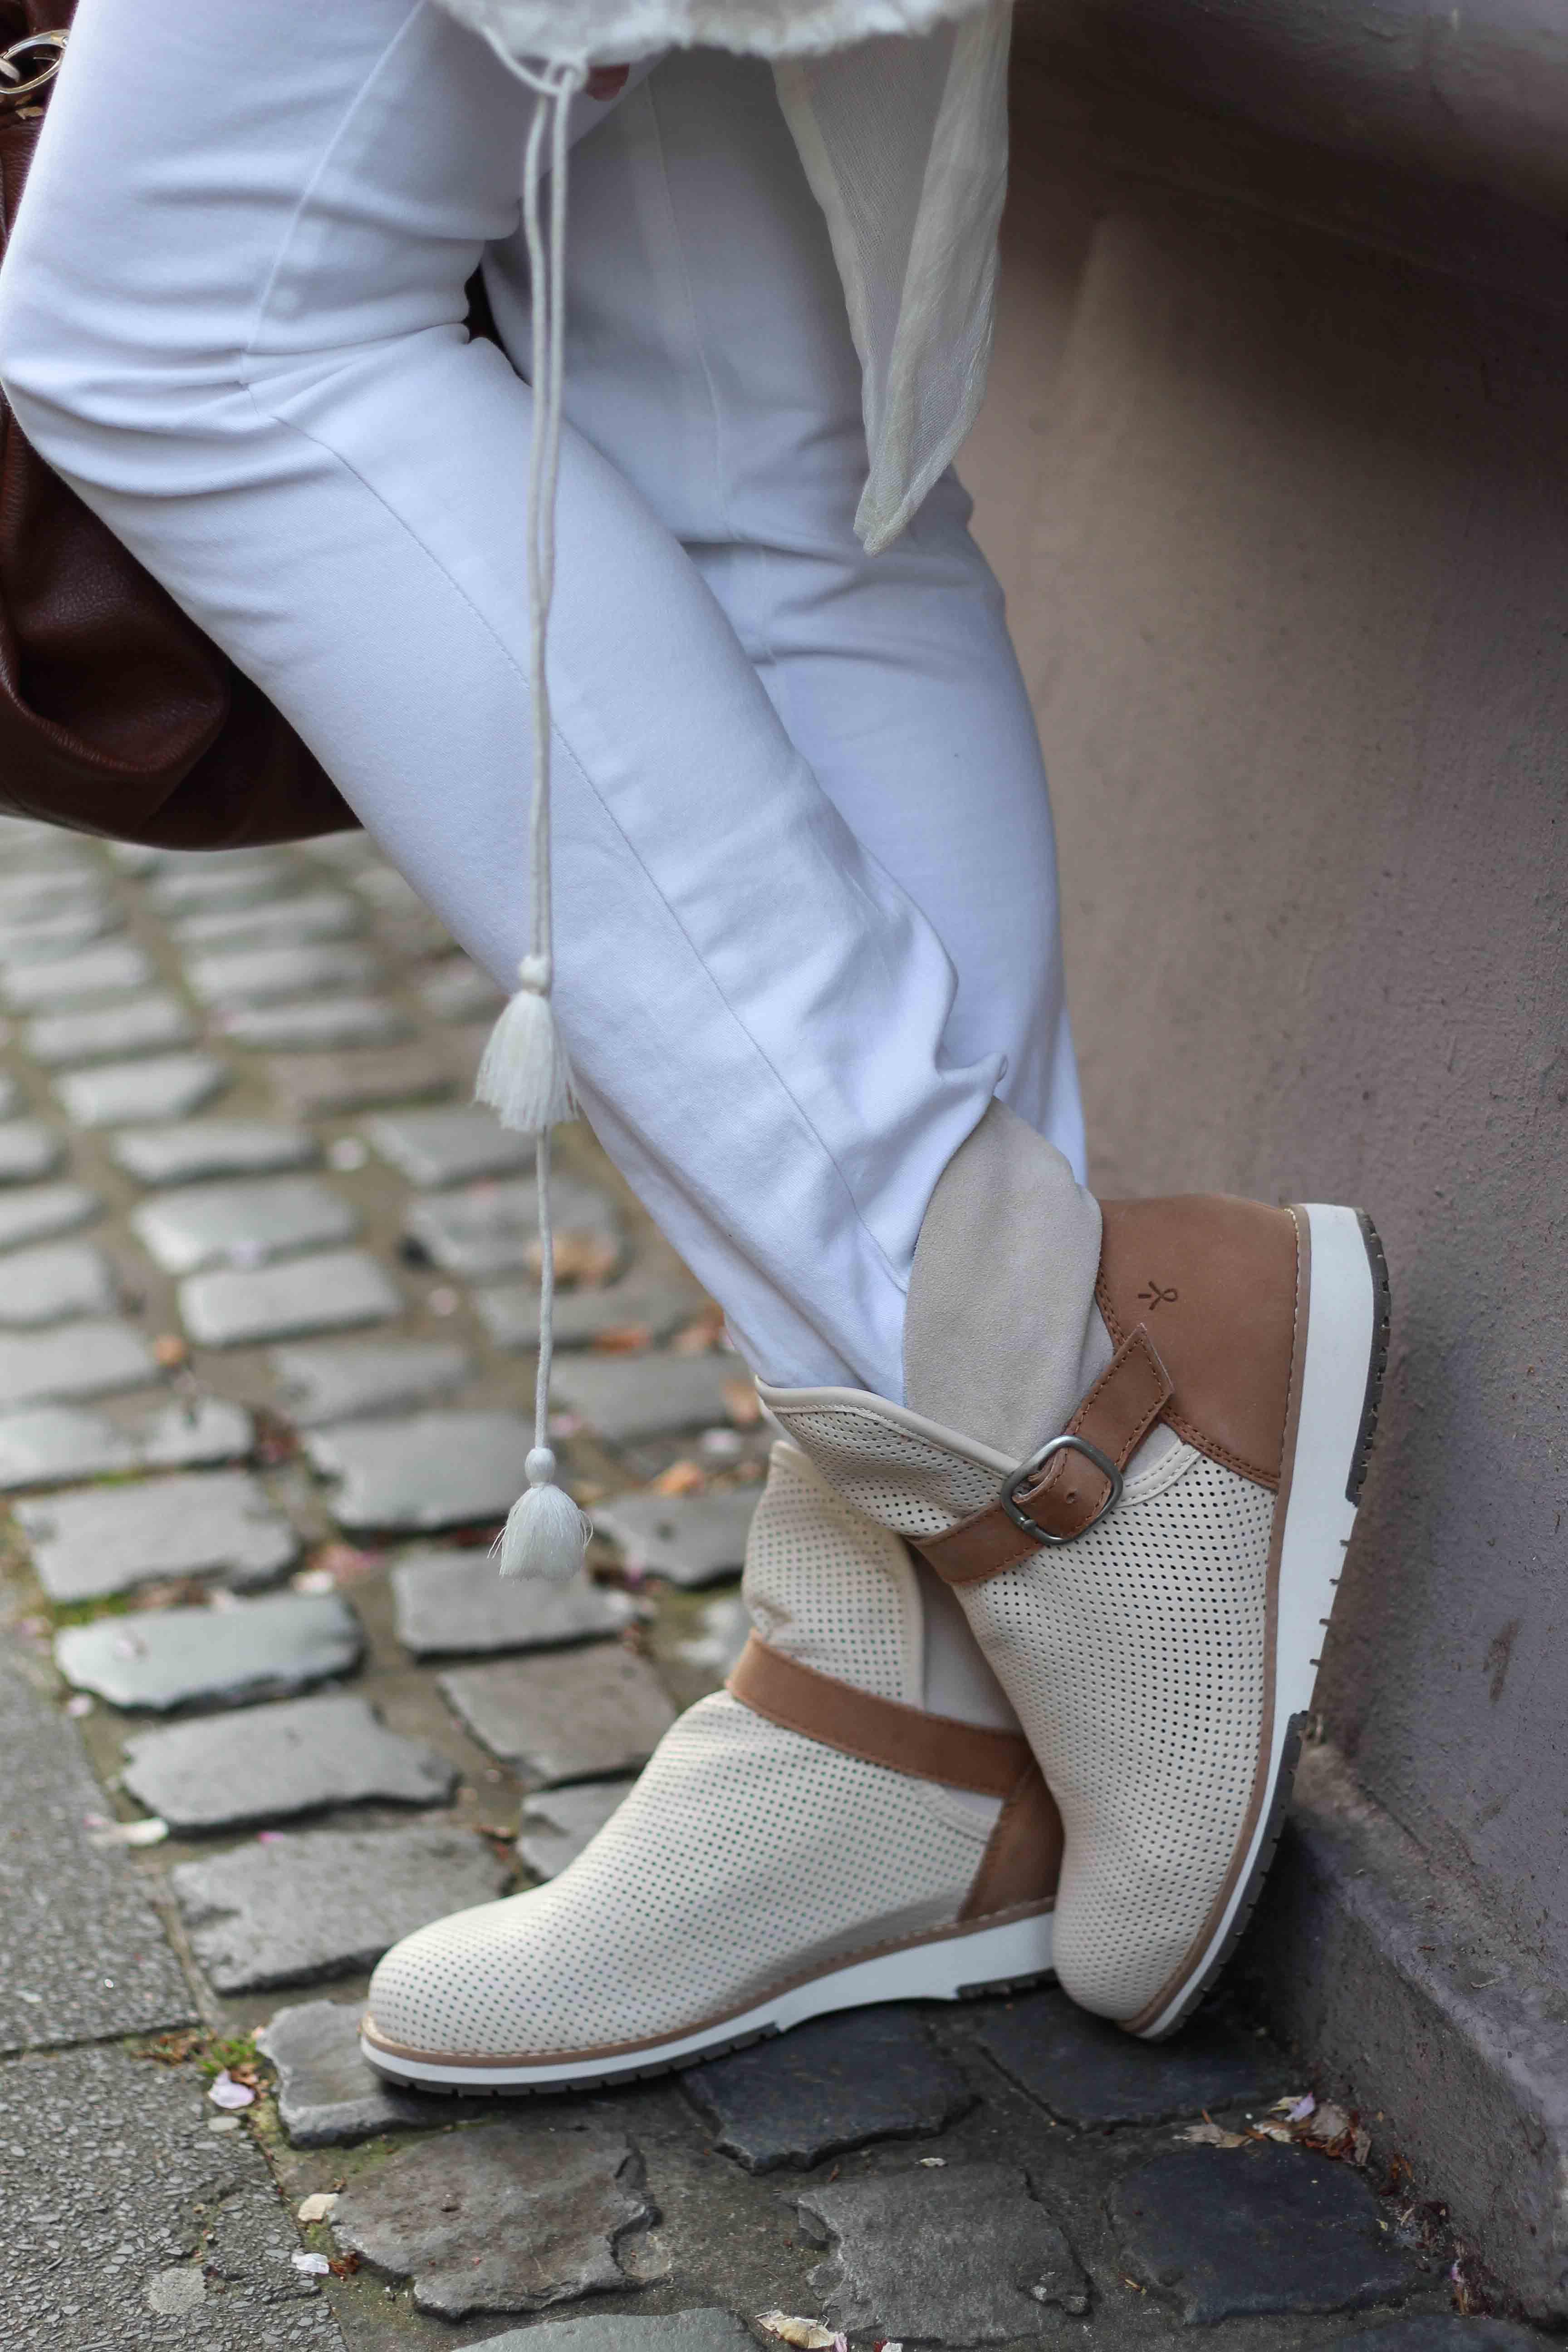 Lorne Emu Australia helle Boots Frühling Outfit OOTD 91